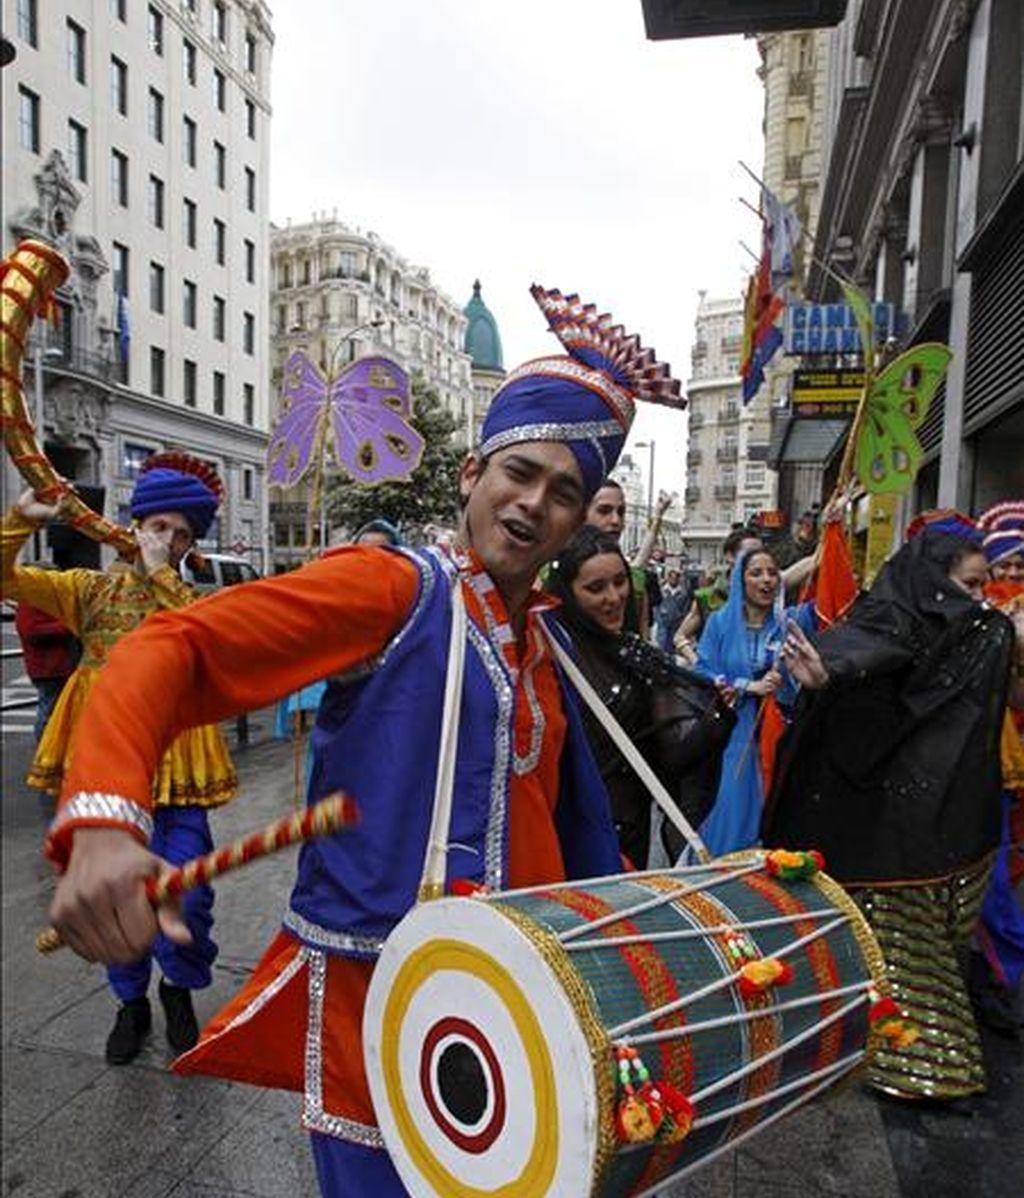 """Presentación en la calle de """"India, un viaje musical"""", un espectáculo genuinamente """"bollywood"""" dirigido por el corógrafo y bailarín Sunny Singh que se estrena hoy en el Teatro Príncipe Gran Vía de Madrid. EFE"""